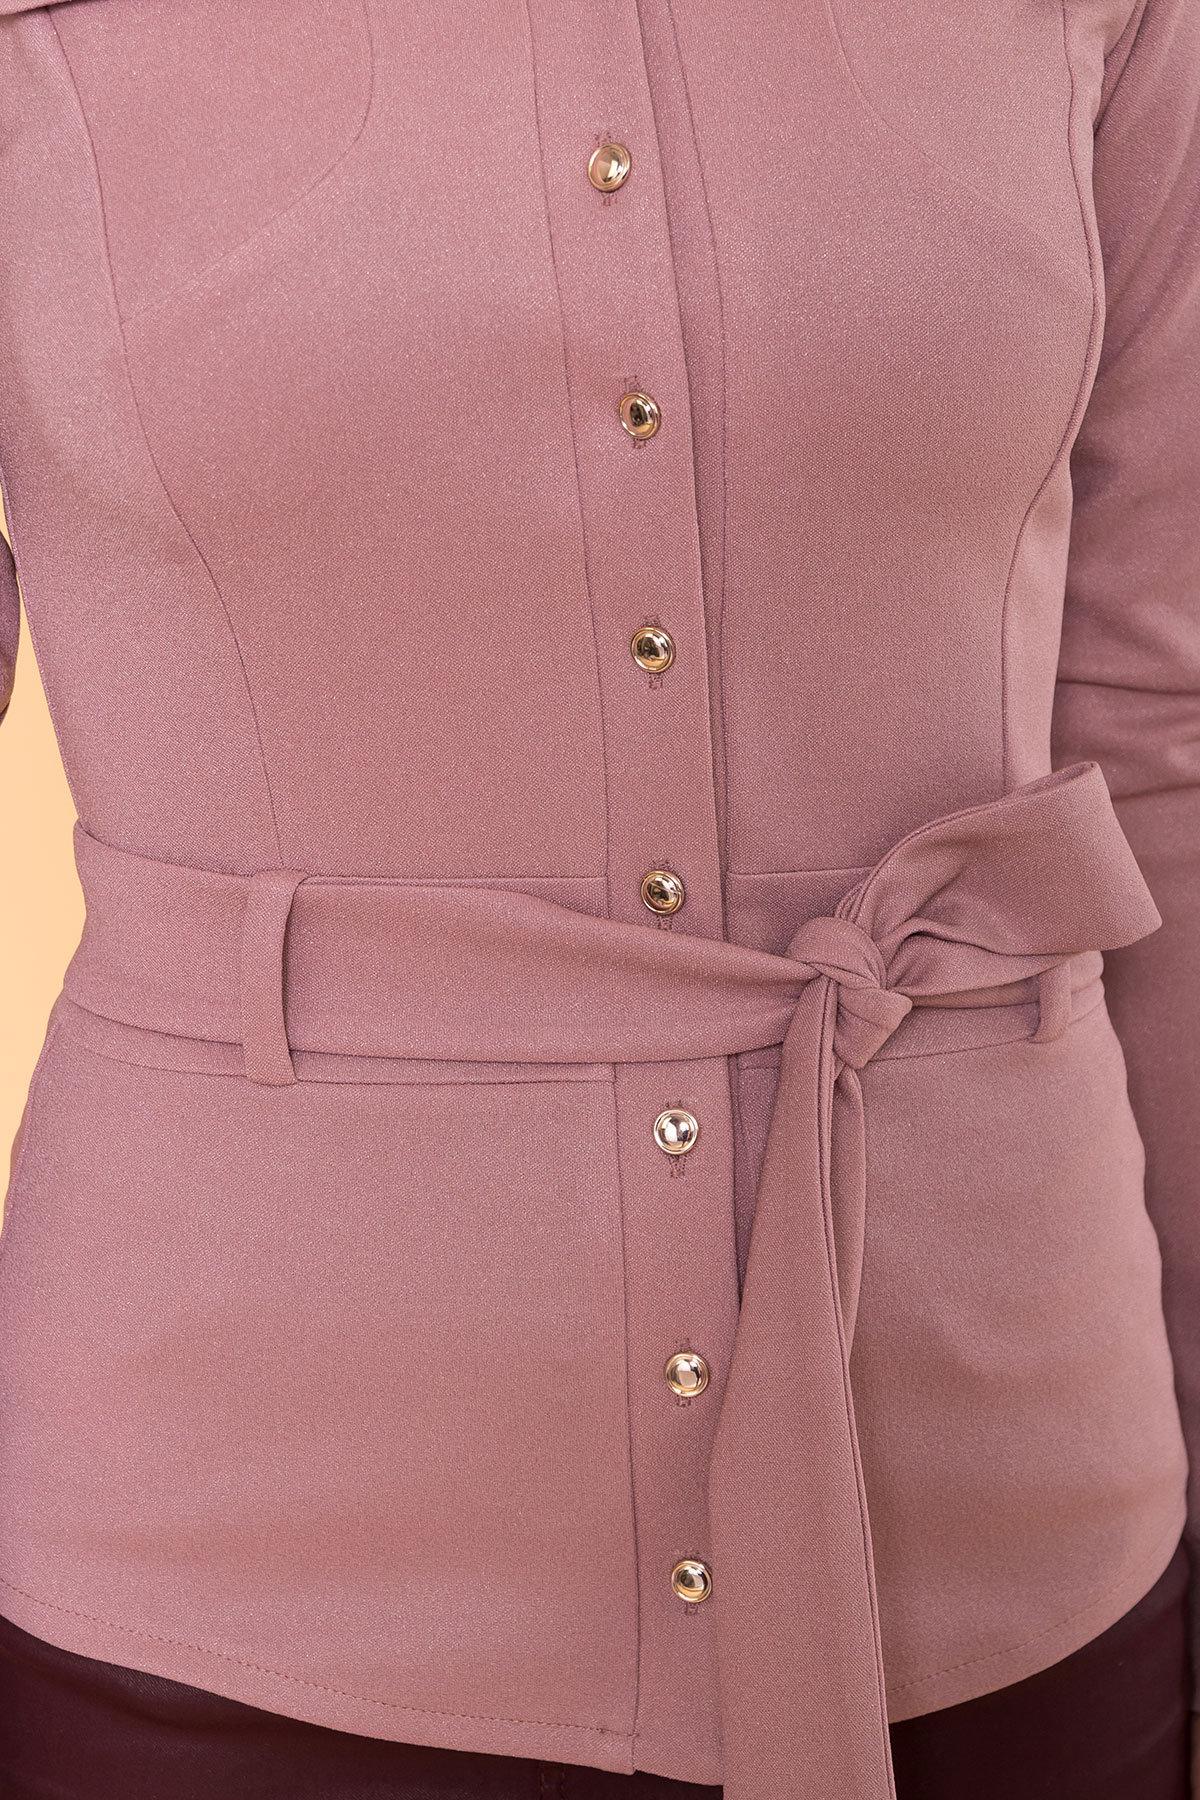 Повседневная рубашка из трикотажа Соня 6116 АРТ. 40842 Цвет: Чайная роза - фото 4, интернет магазин tm-modus.ru